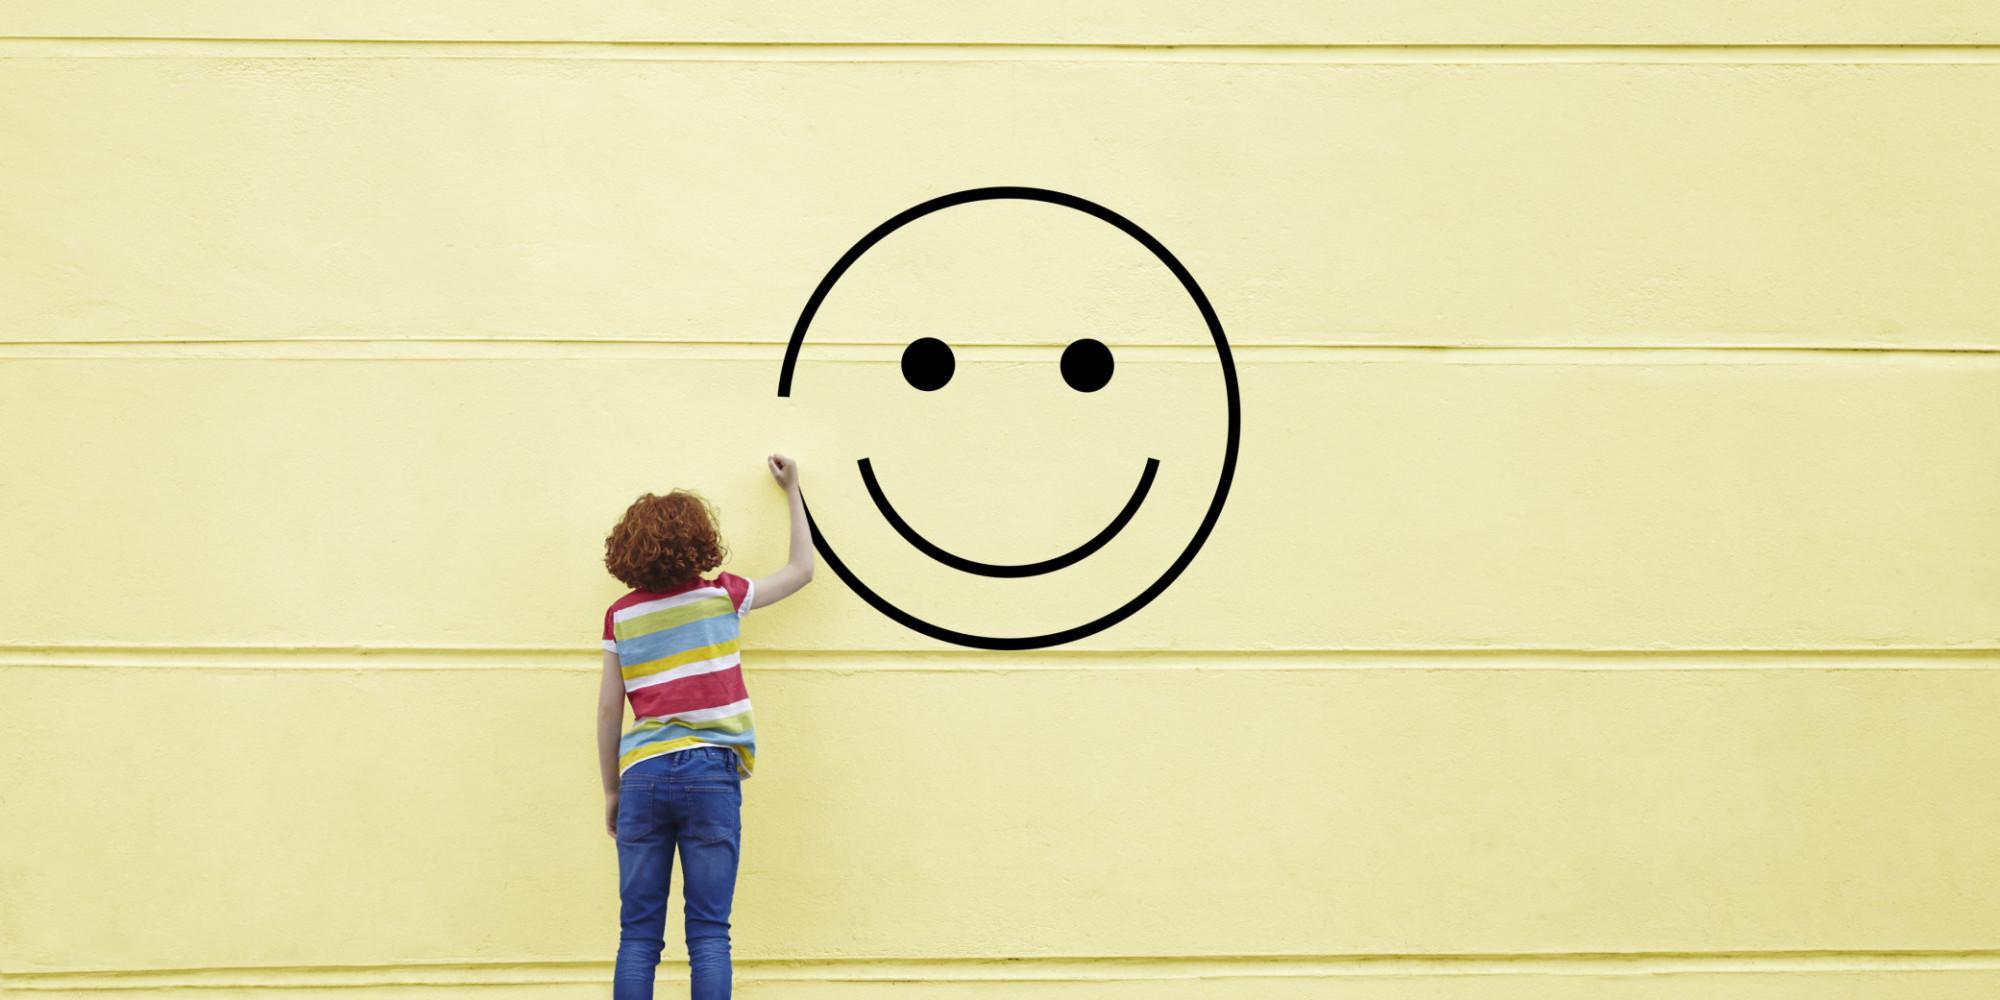 برای شادی خود به افراد و اتفاقات متکی نباشید